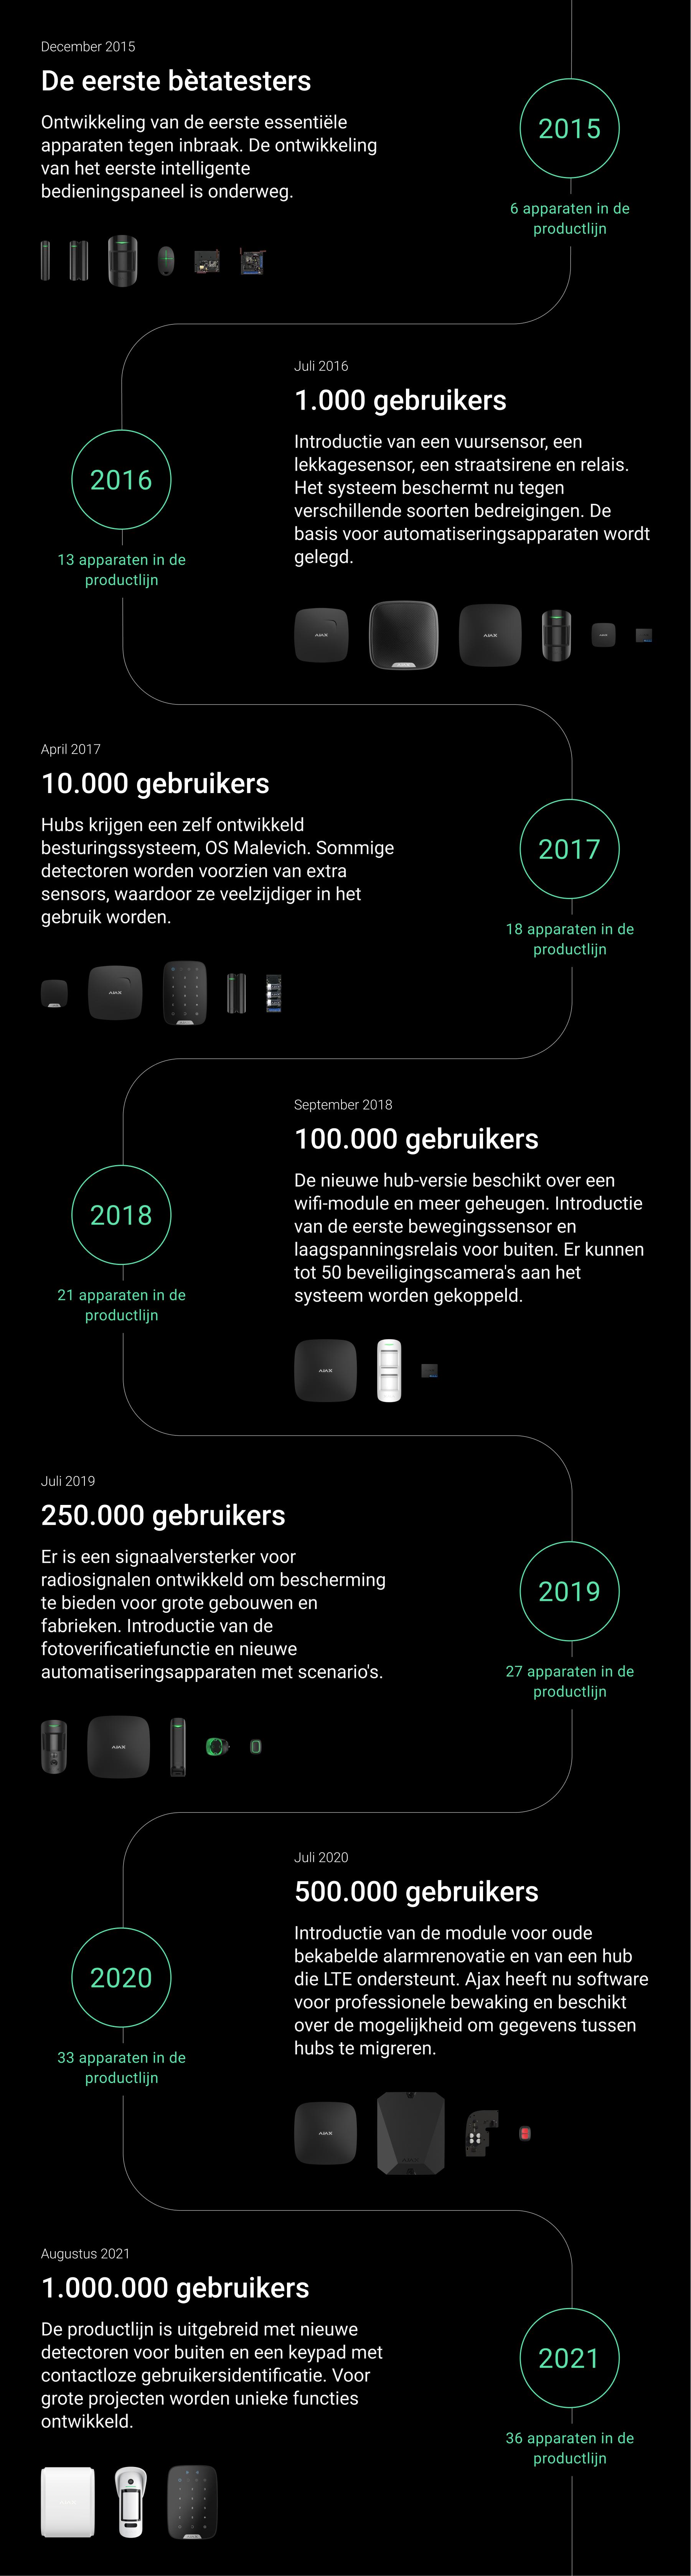 ajax million user